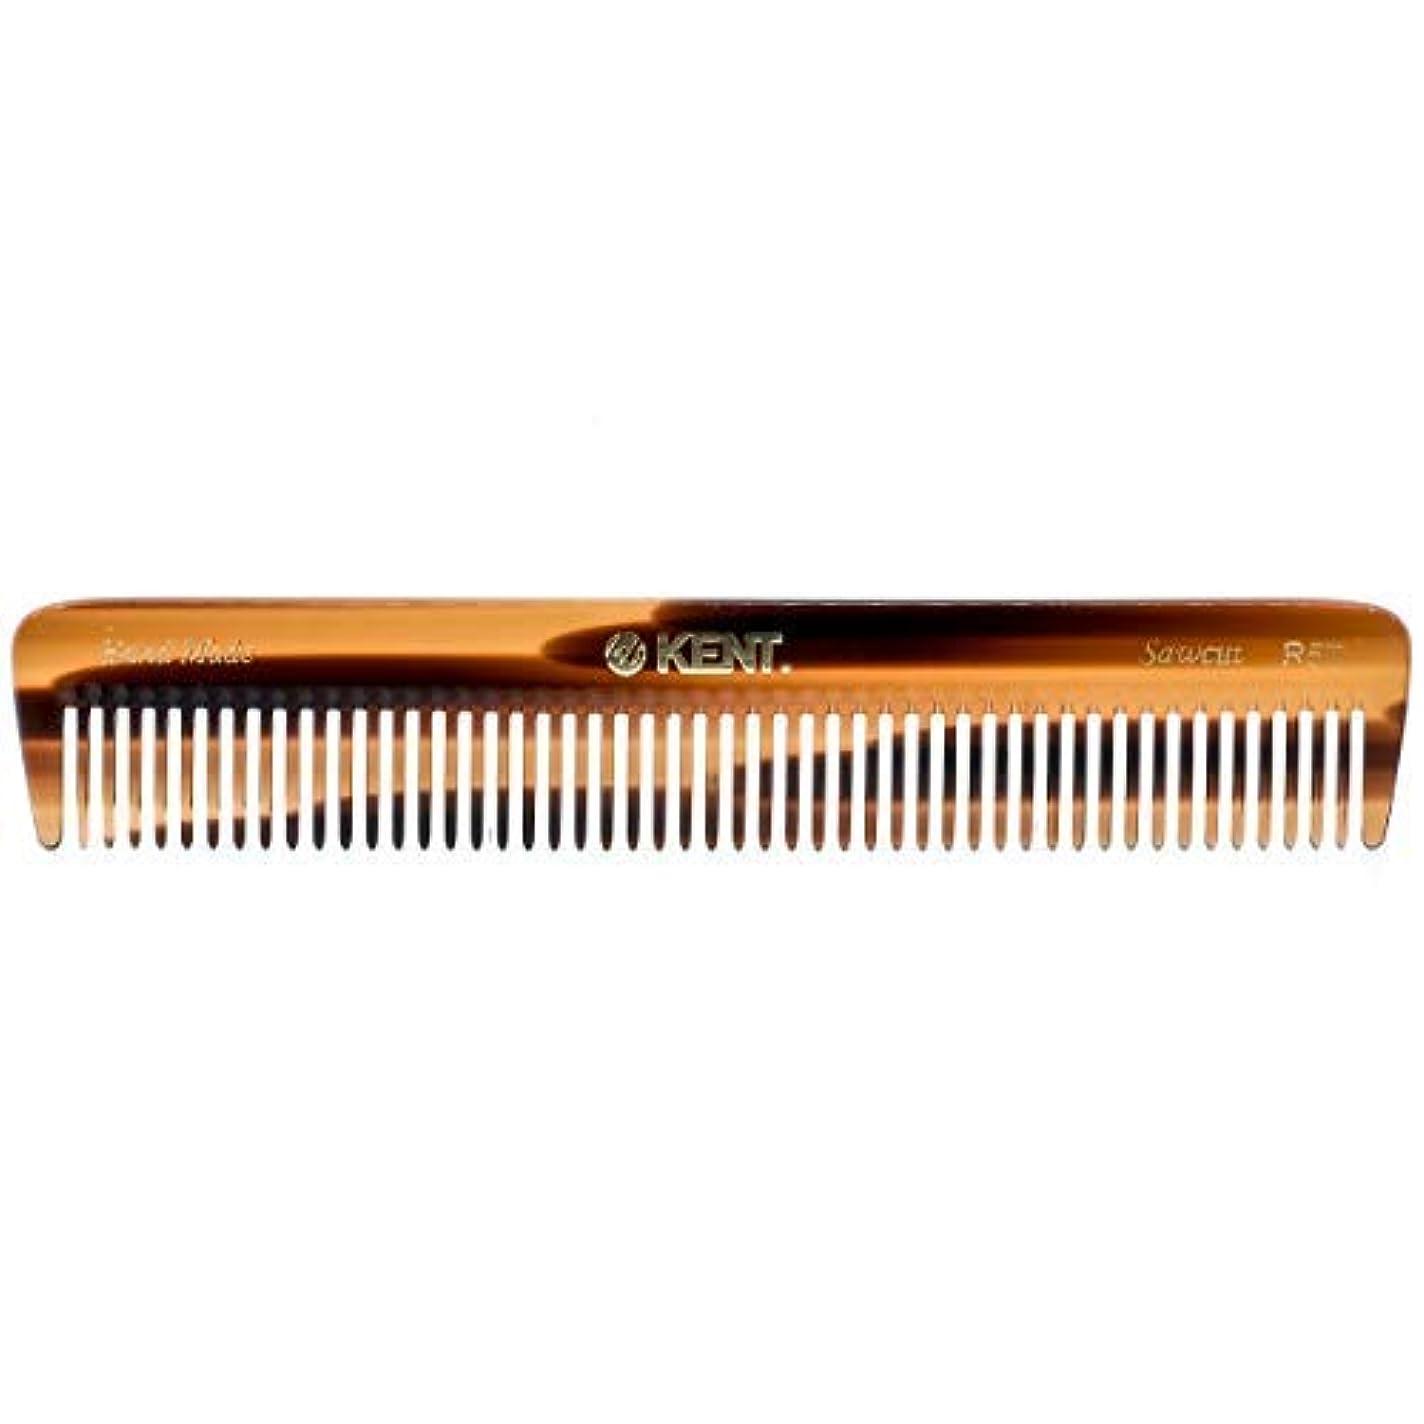 戻す倫理狂人Kent The Hand Made Comb Coarse/Fine for Men 6.5 Inch, 1 Ounce [並行輸入品]